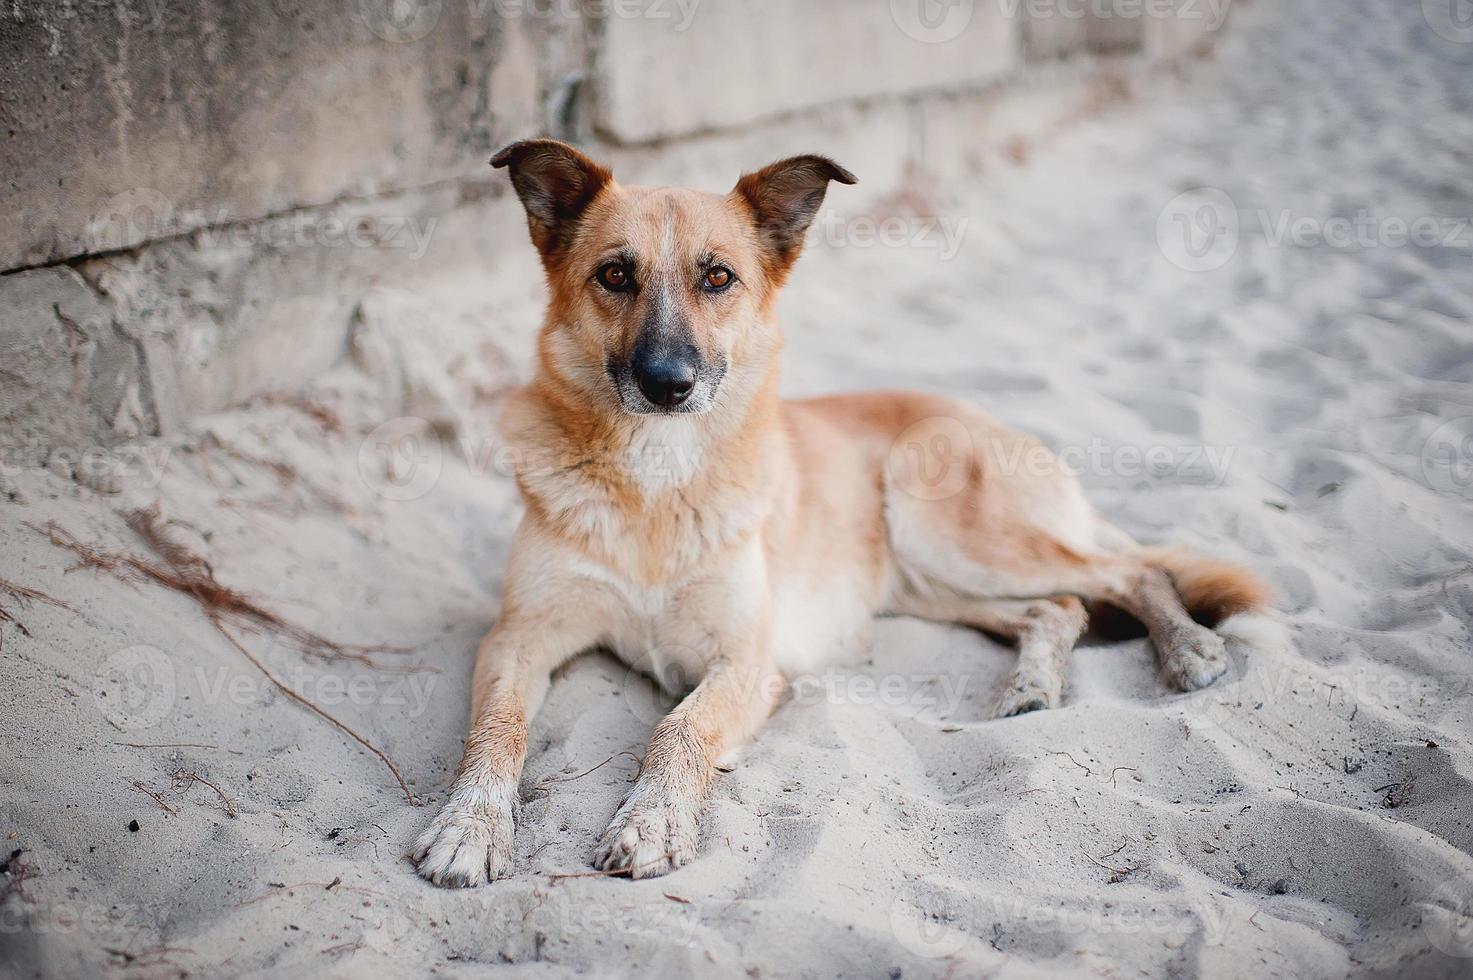 perro acostado en la arena foto